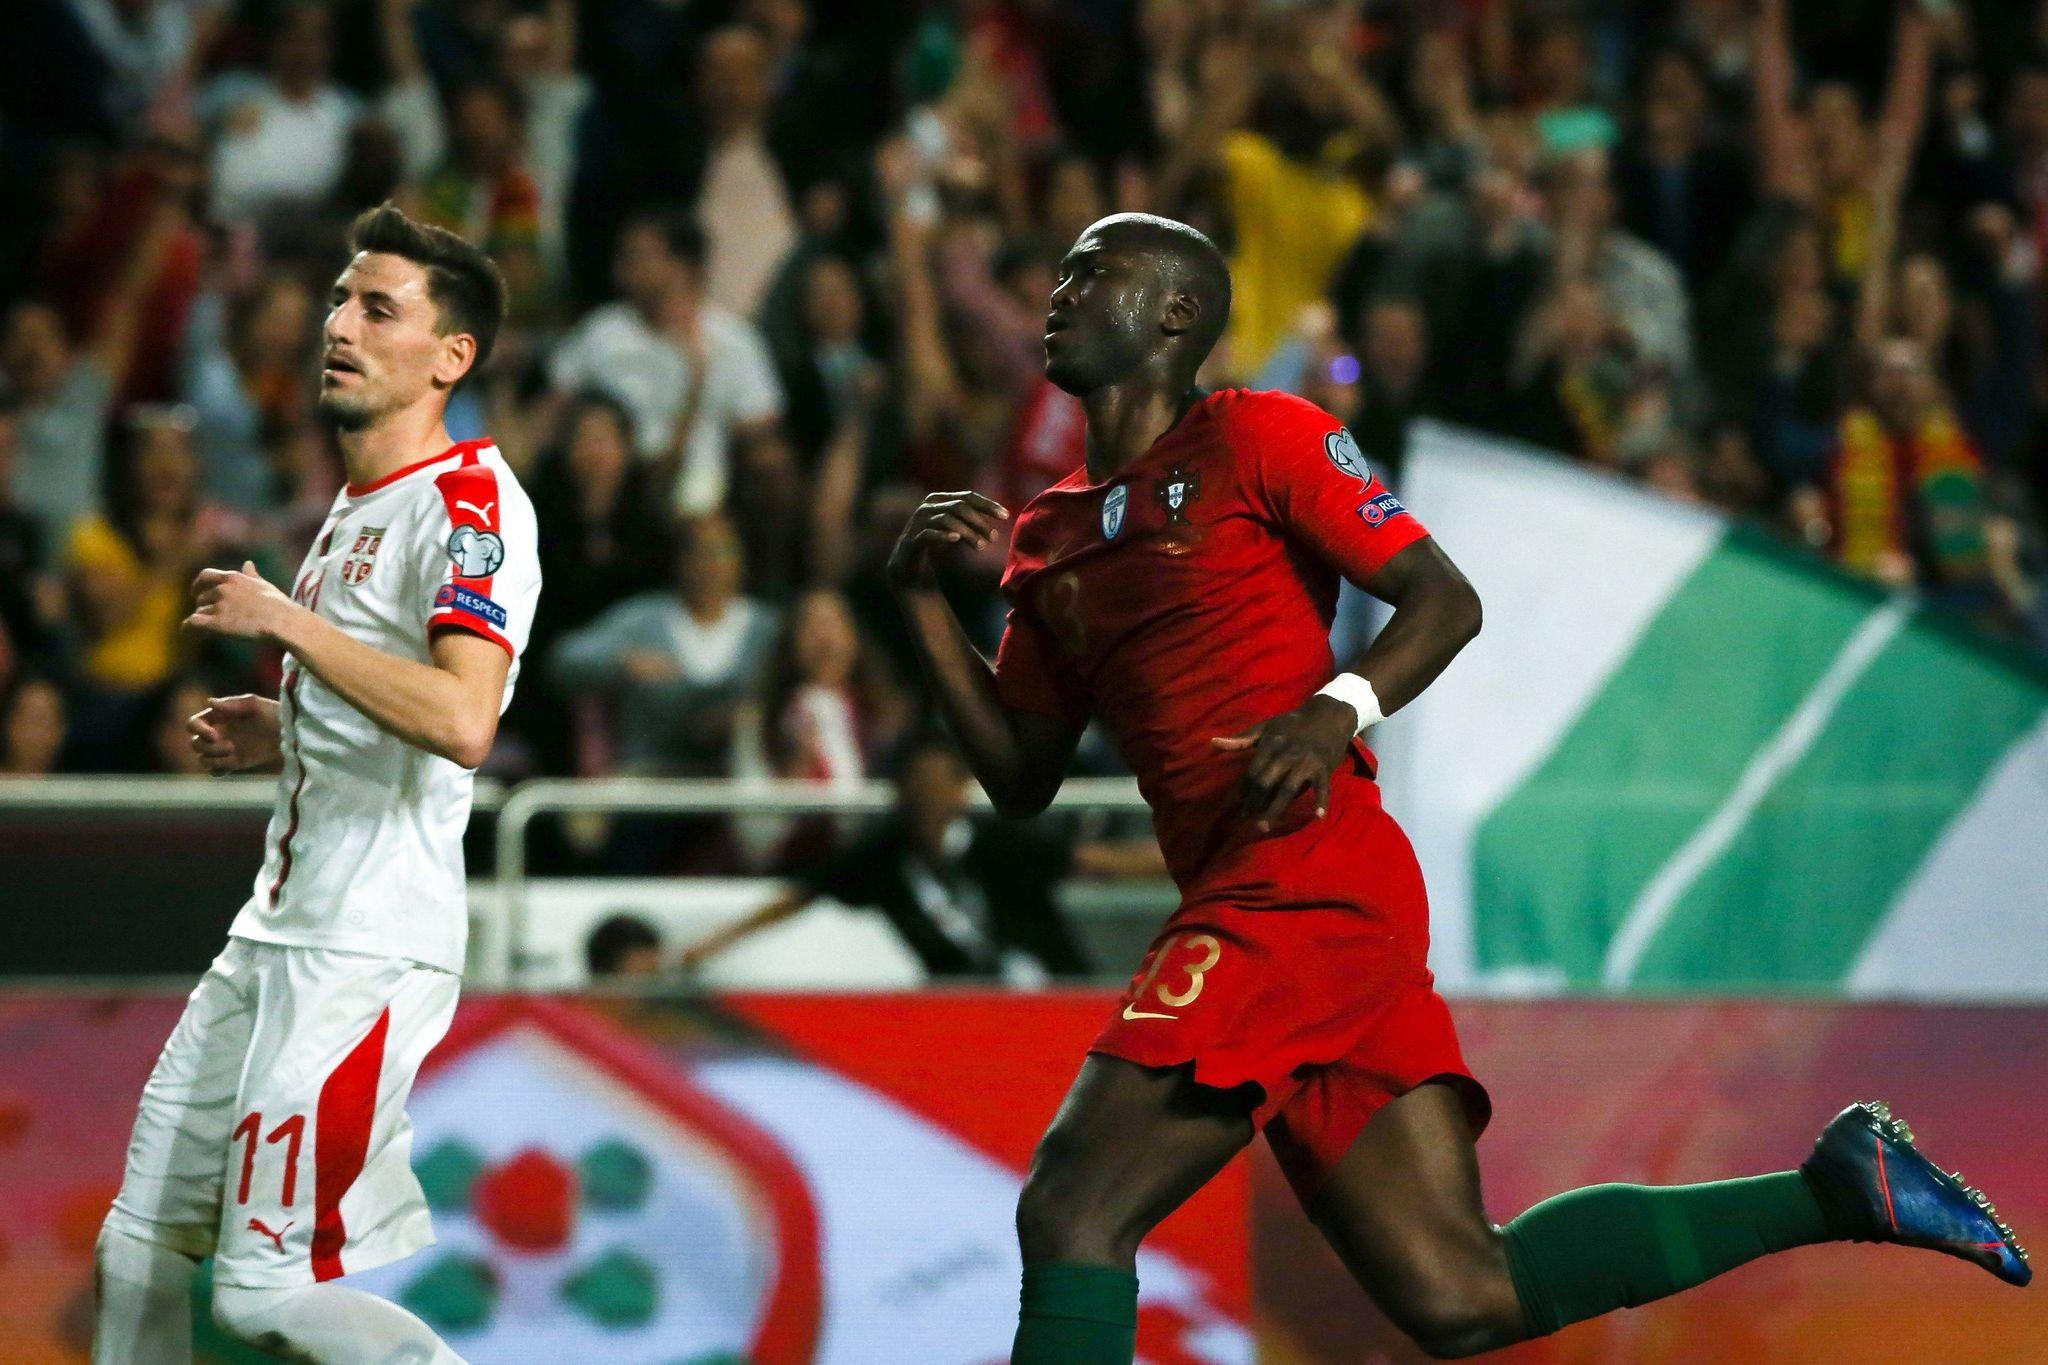 Danilo Pereira celebrates his goal.